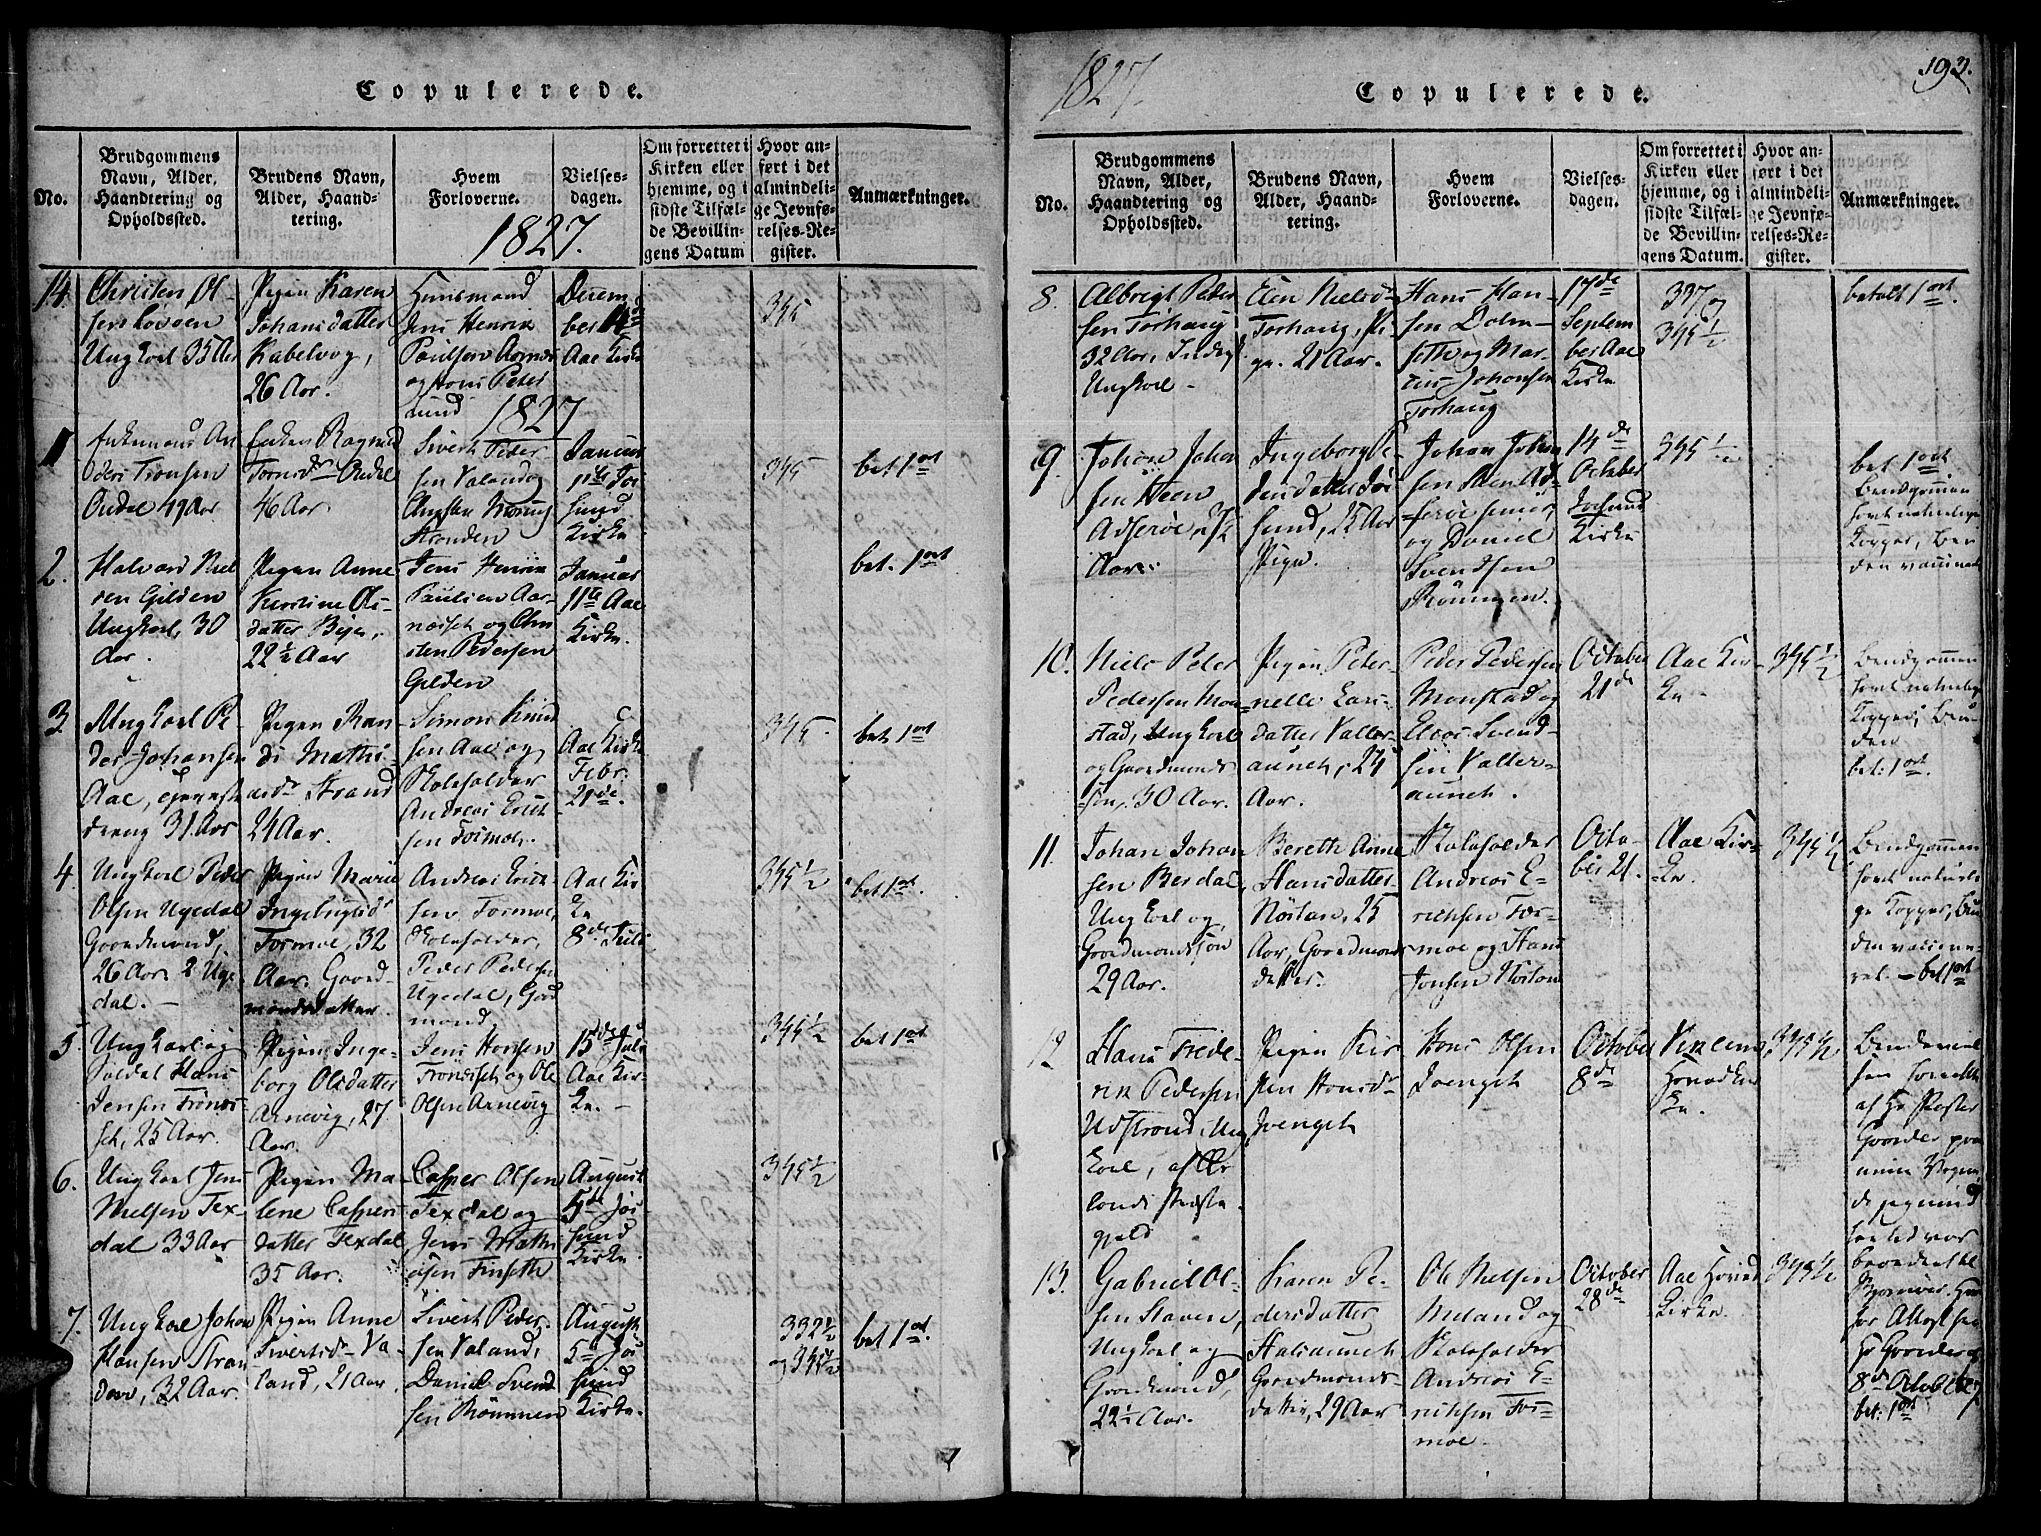 SAT, Ministerialprotokoller, klokkerbøker og fødselsregistre - Sør-Trøndelag, 655/L0675: Ministerialbok nr. 655A04, 1818-1830, s. 193